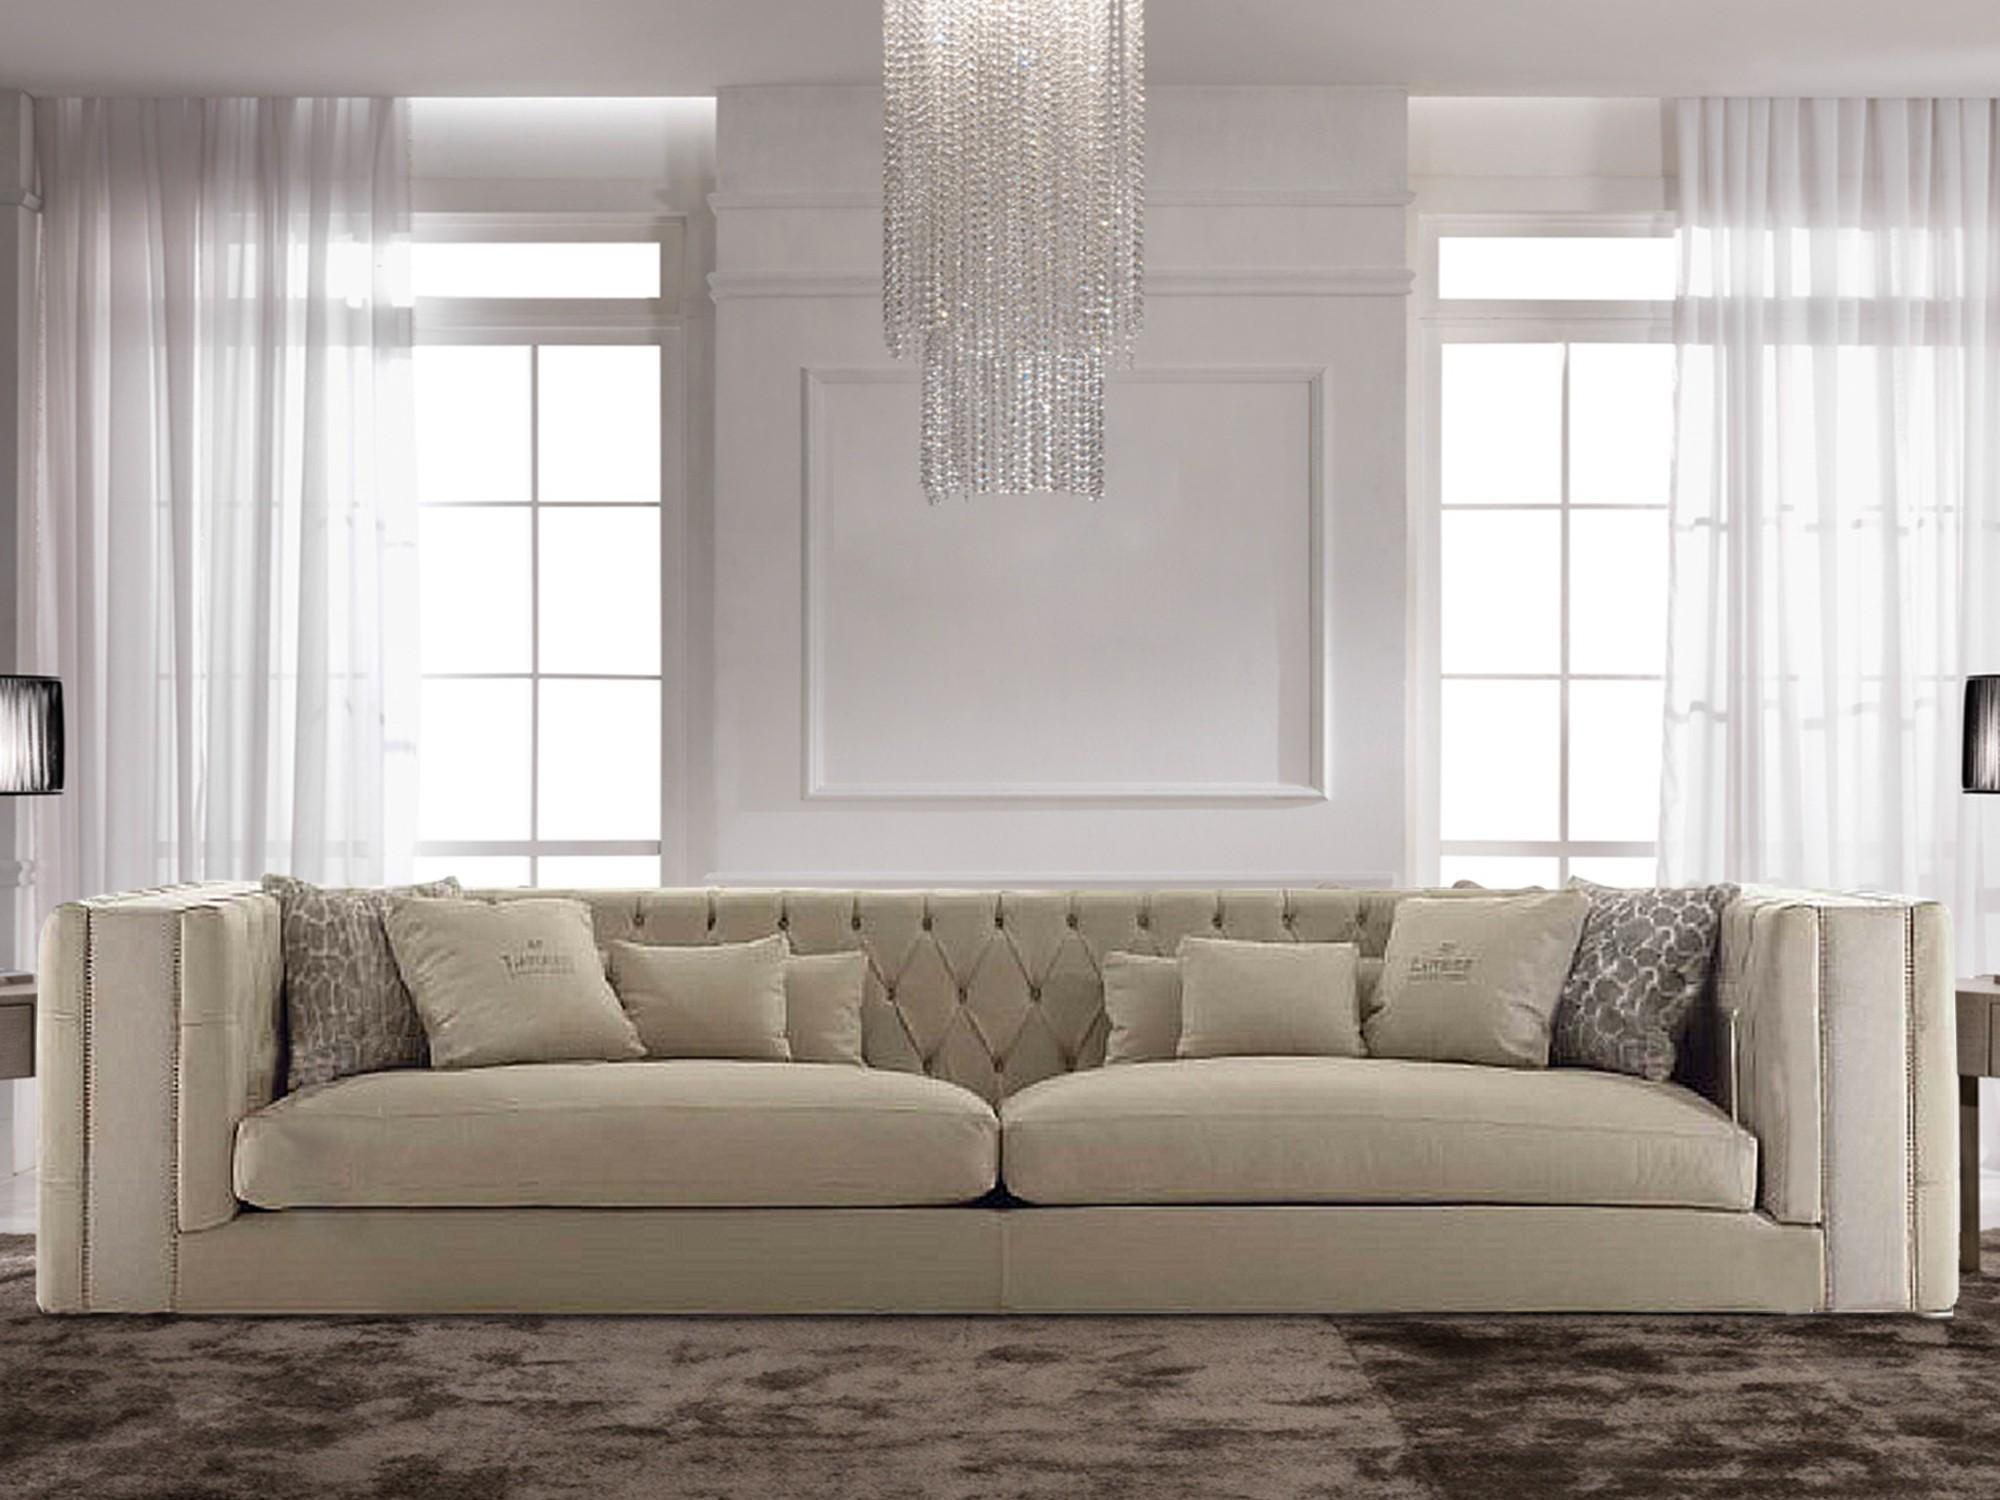 Eaton Bespoke Luxury Sofa